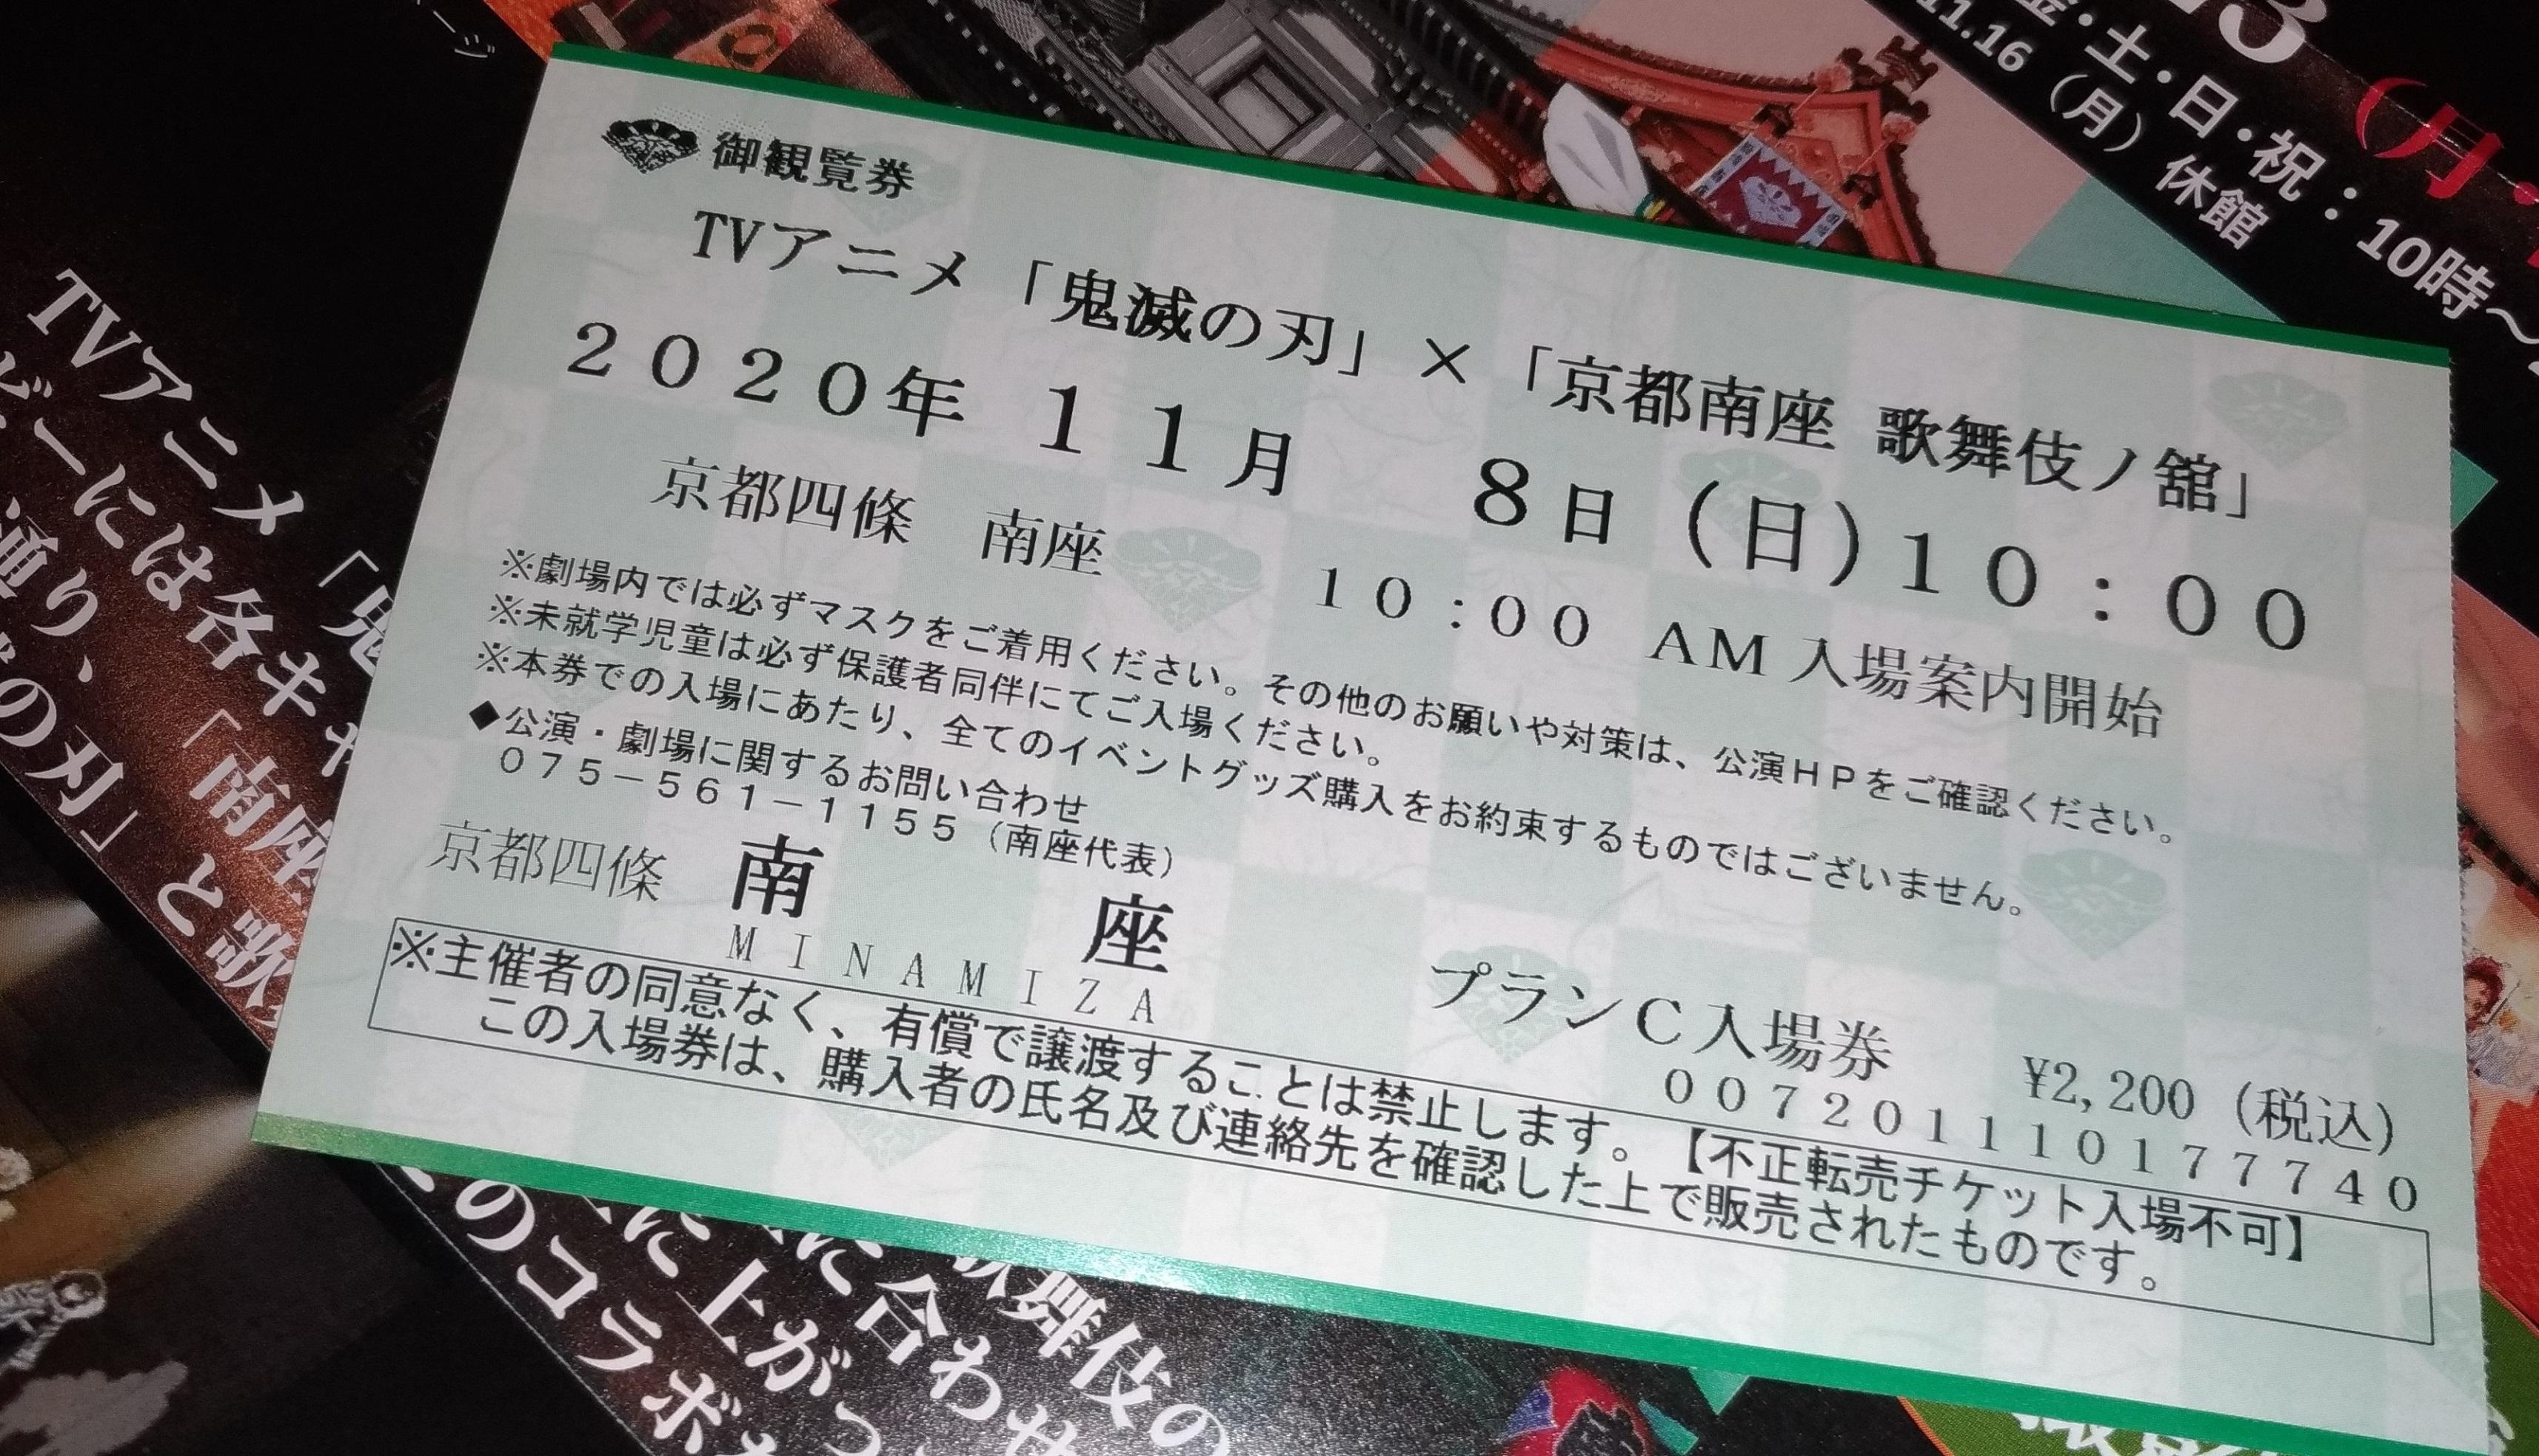 kimetsu_kyoto_kabuki_tikets_1.jpg